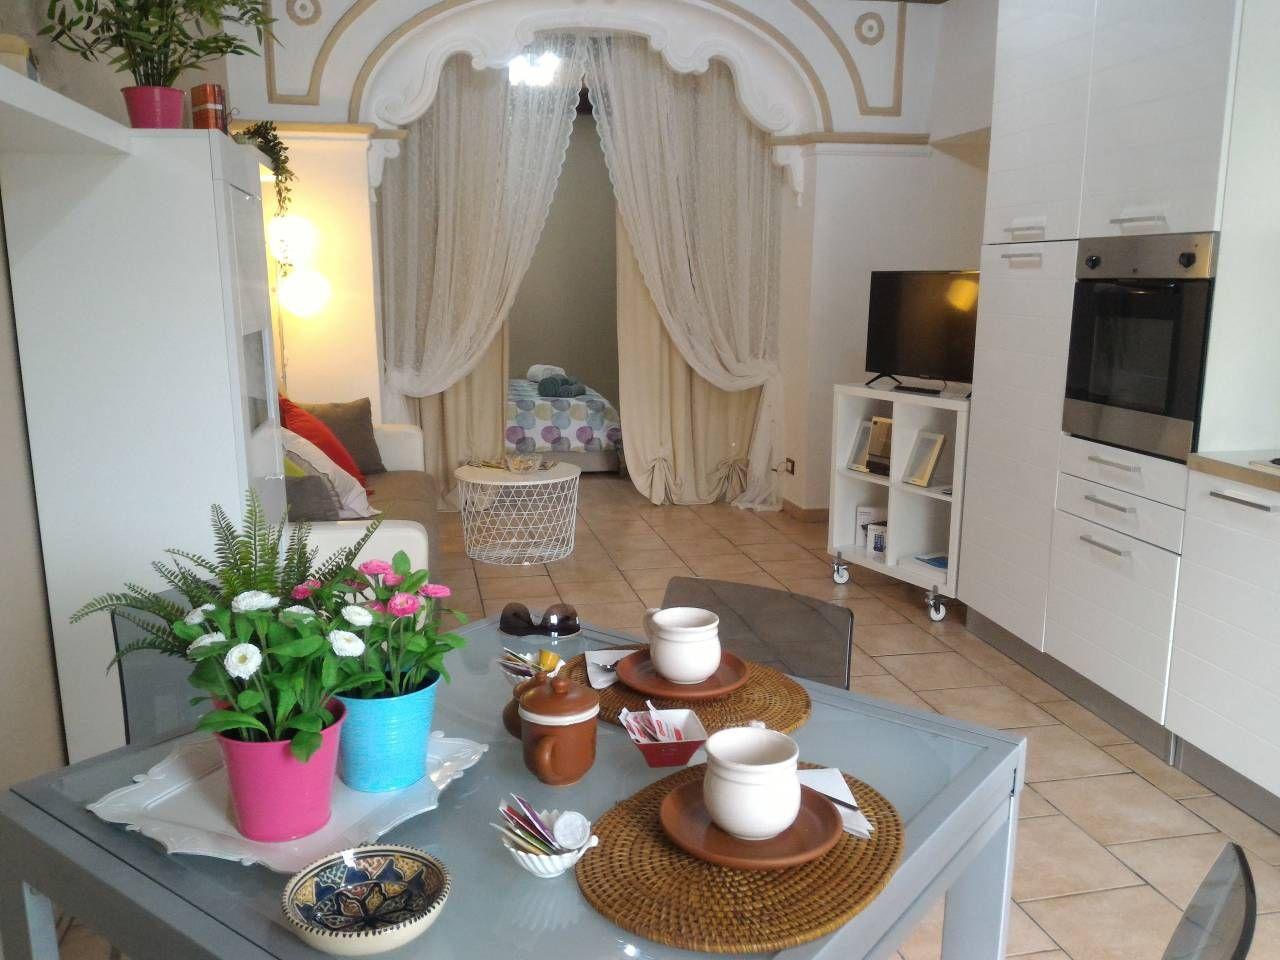 Case vacanze, alloggi, esperienze e luoghi Airbnb (con